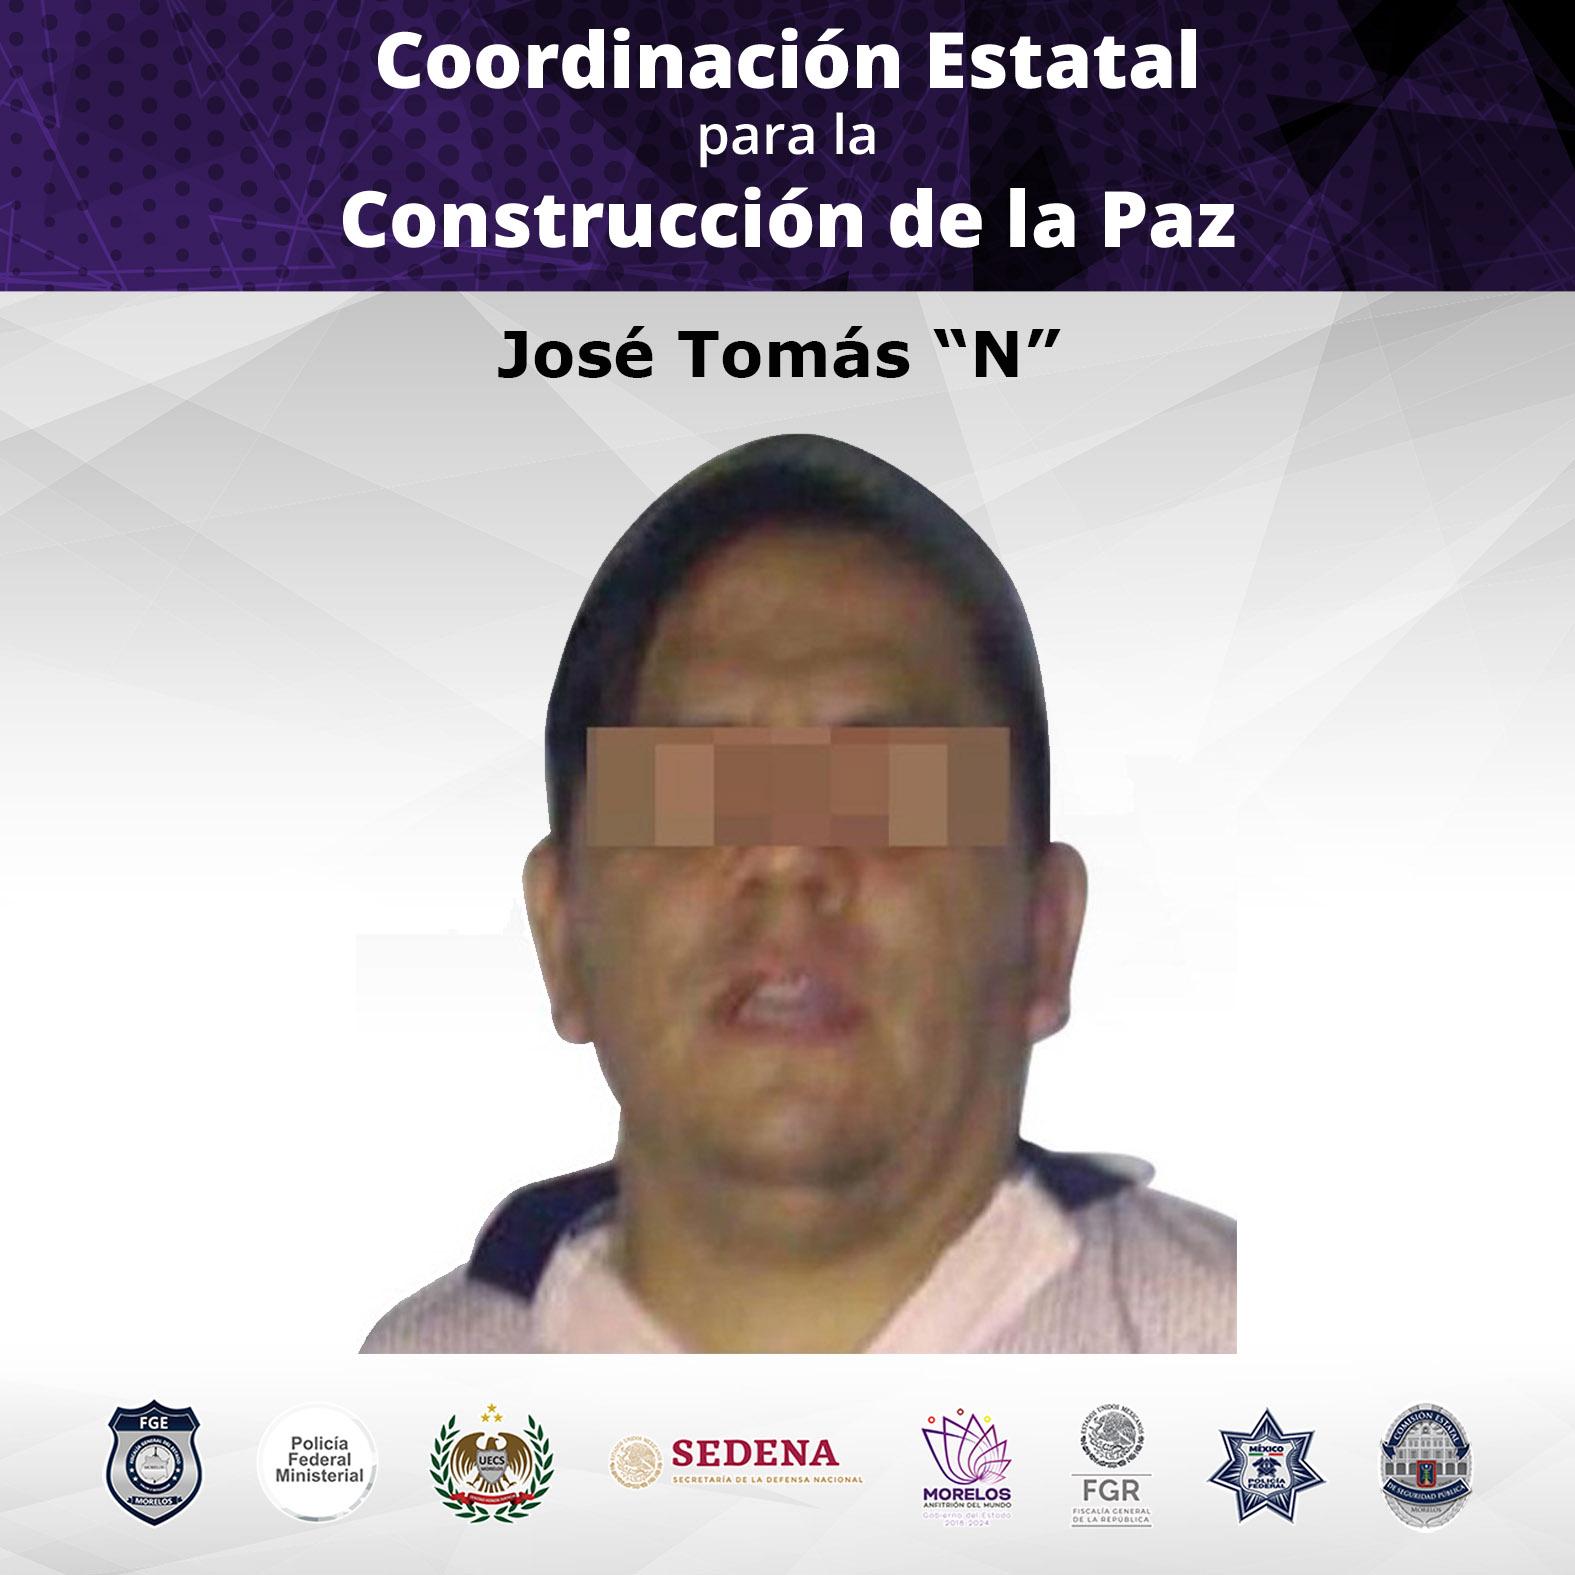 Jose-Tomas-N